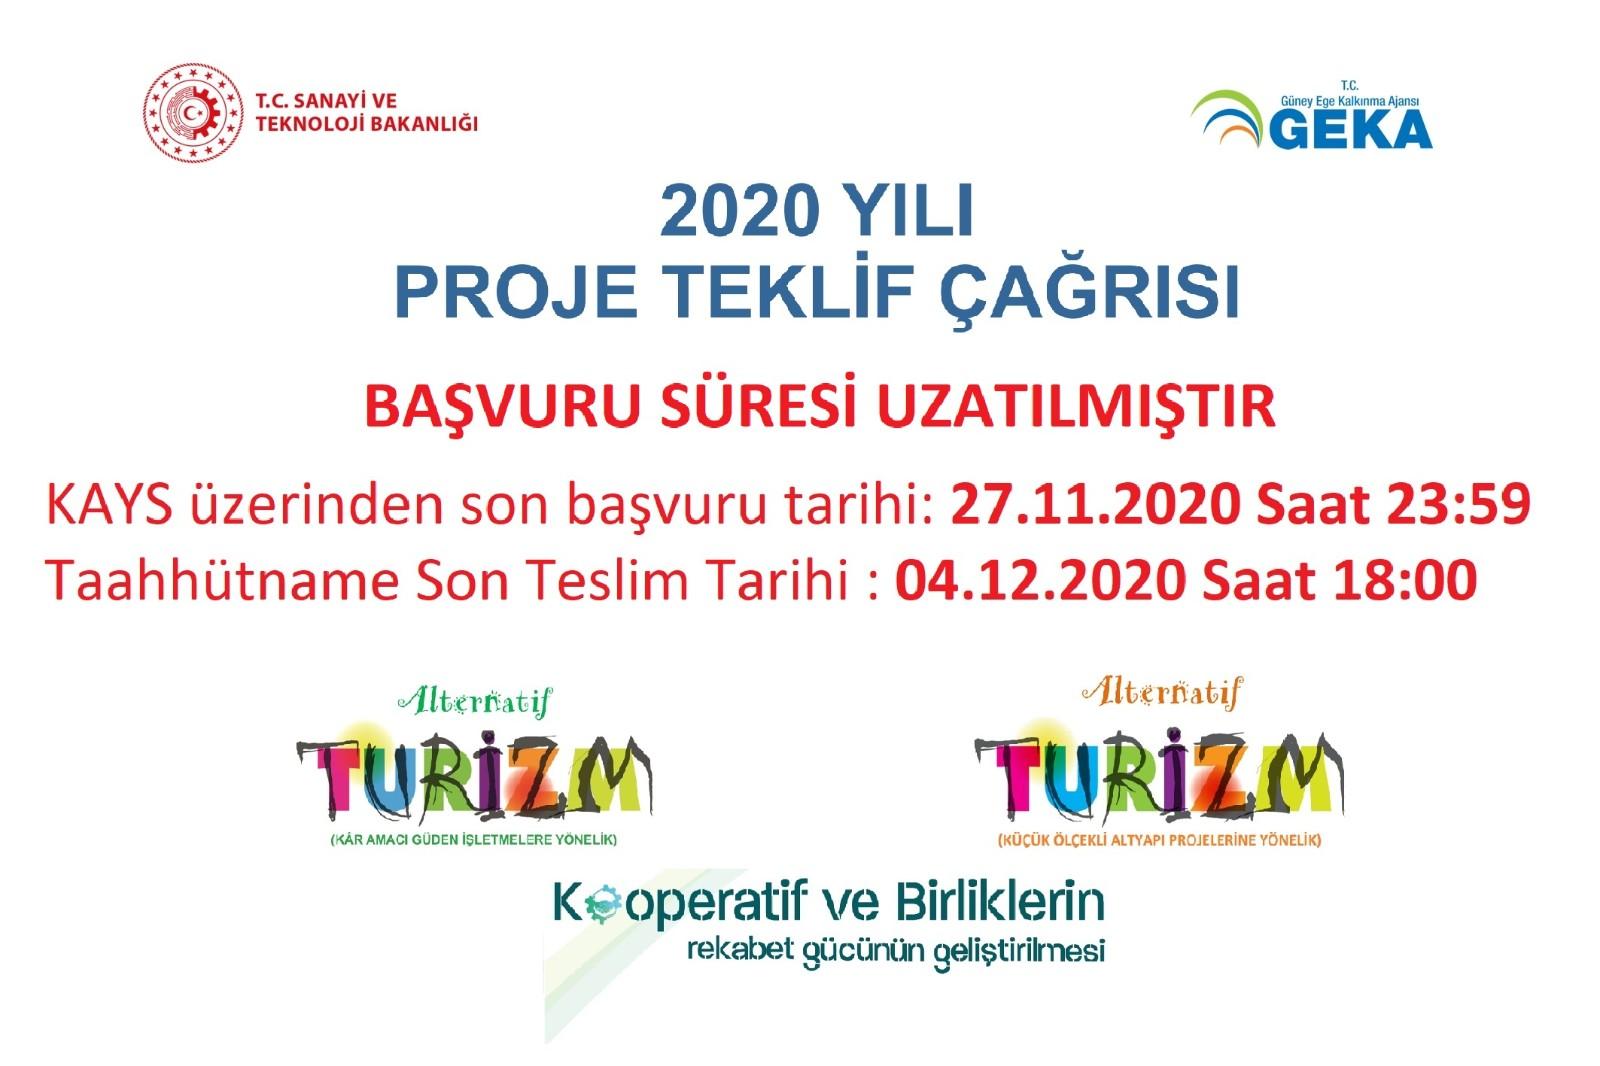 2020 Yılı Proje Teklif Çağrısı Başvuru Süresi Uzatılmıştır